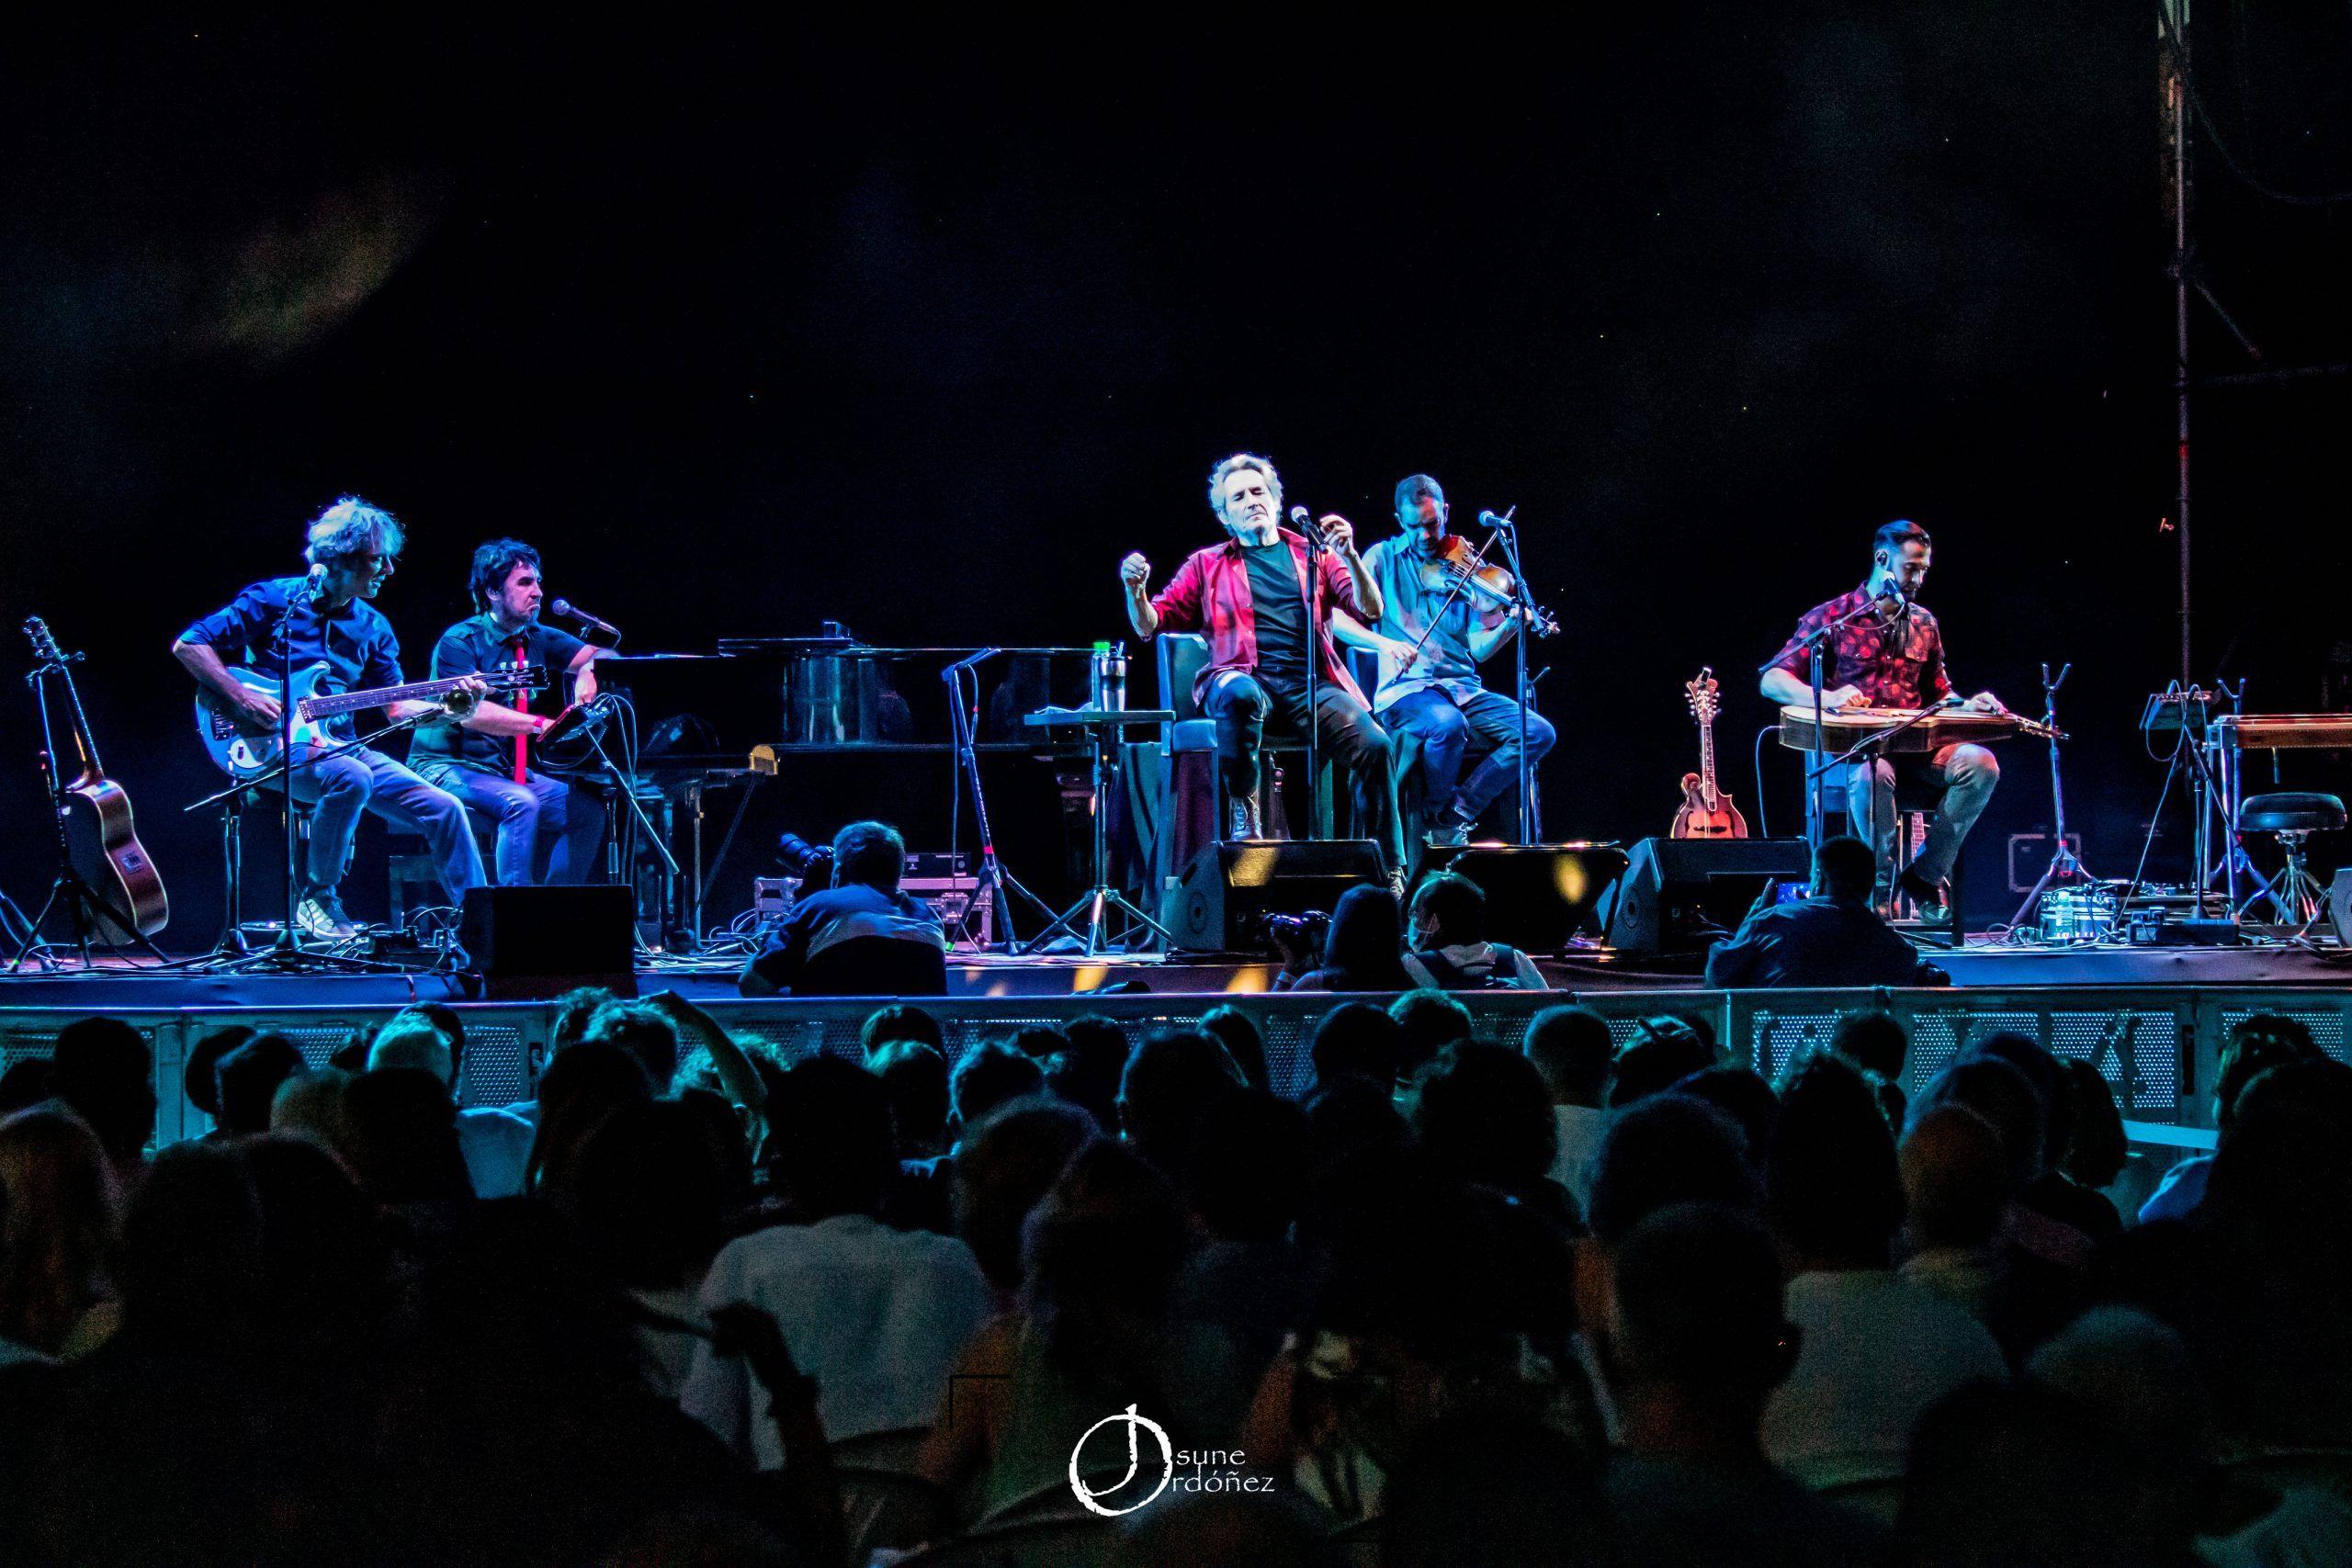 Miguel Rios – Las Noches del Botánico 2021. Foto: Josune Ordóñez